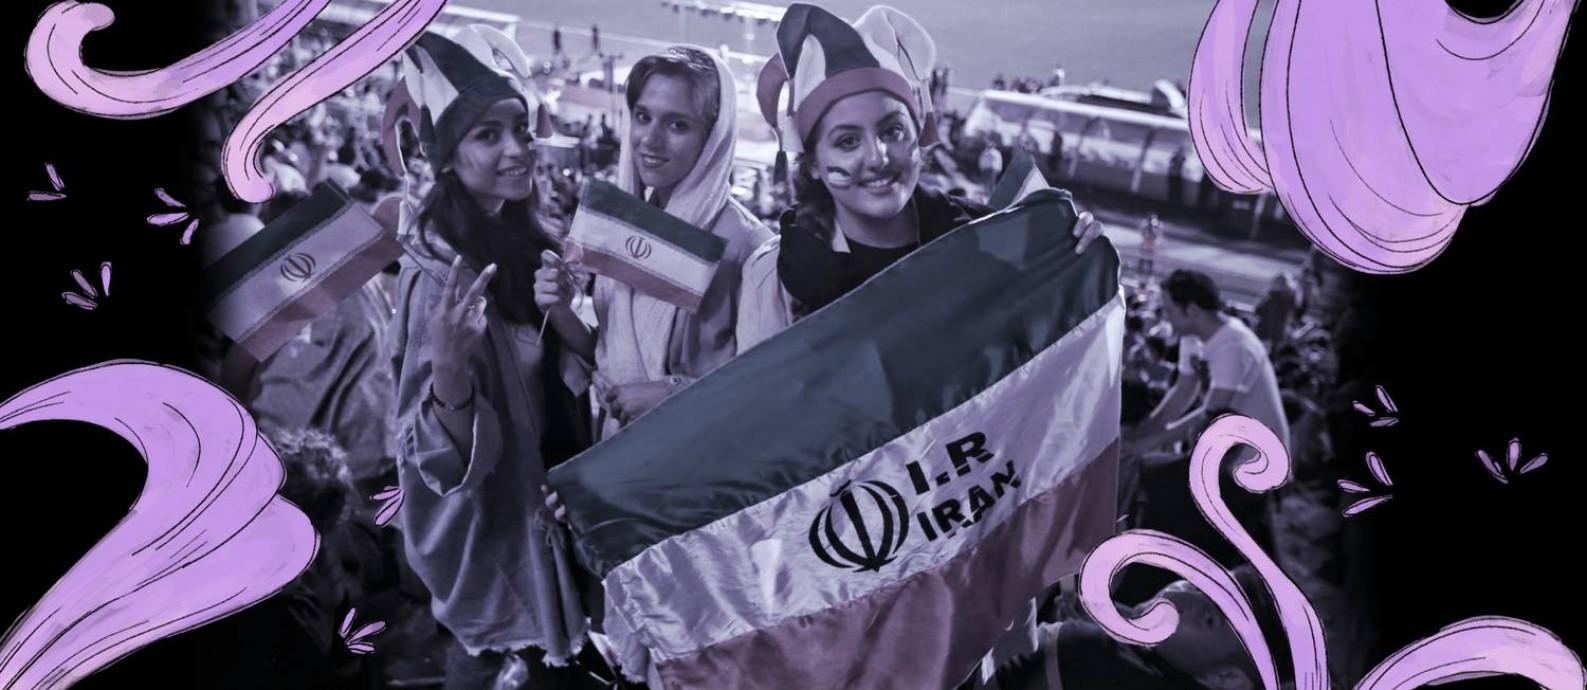 Torcedoras assistem, em telões, partida entre Irã e Portugal pela Copa do Mundo de 2018. Foi a primeira vez em que mulheres iranianas pisaram no estádio Azadi desde 1981 Foto: ATTA KENARE / AFP